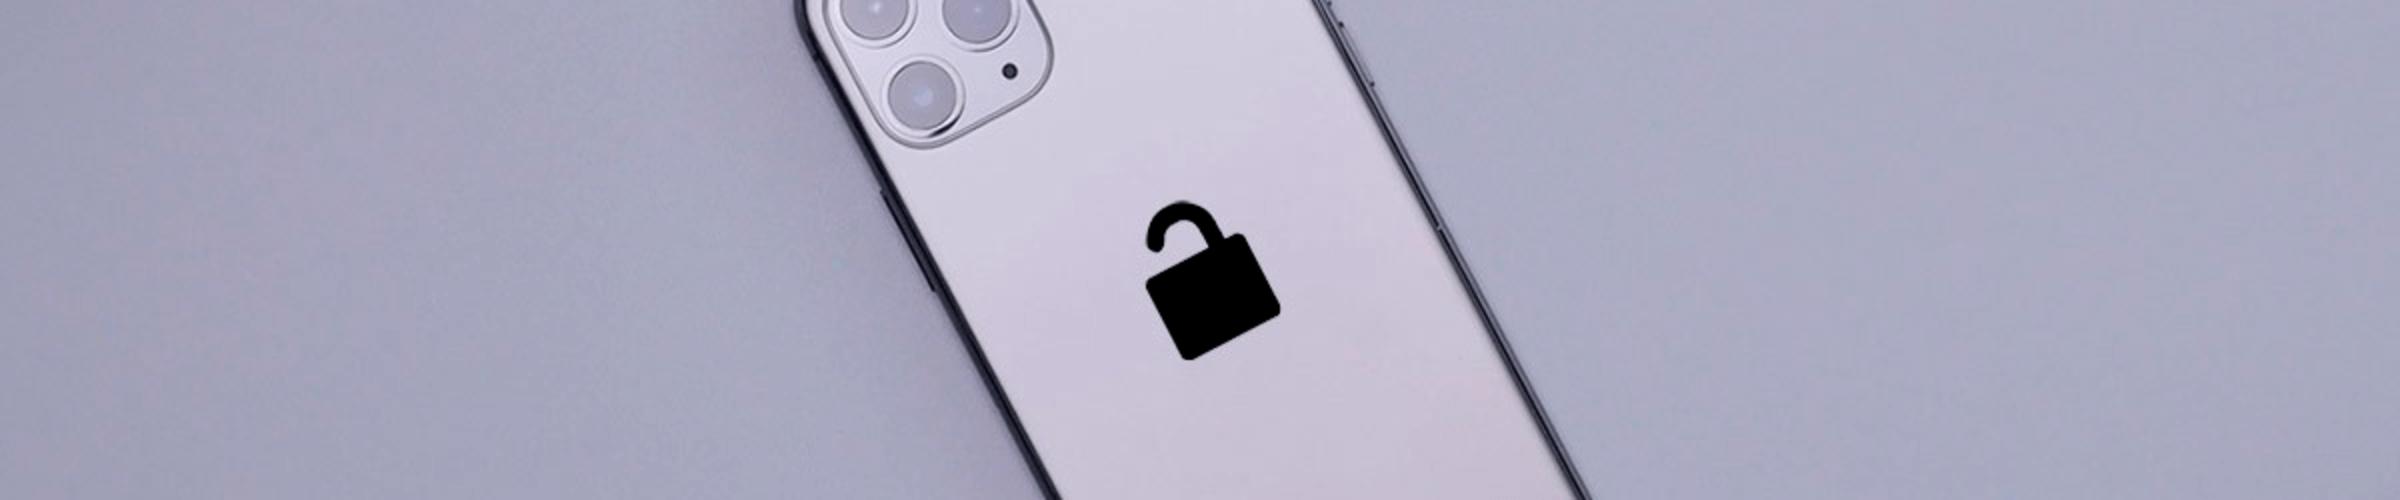 Как поставить блокировку и пароль на iPhone?